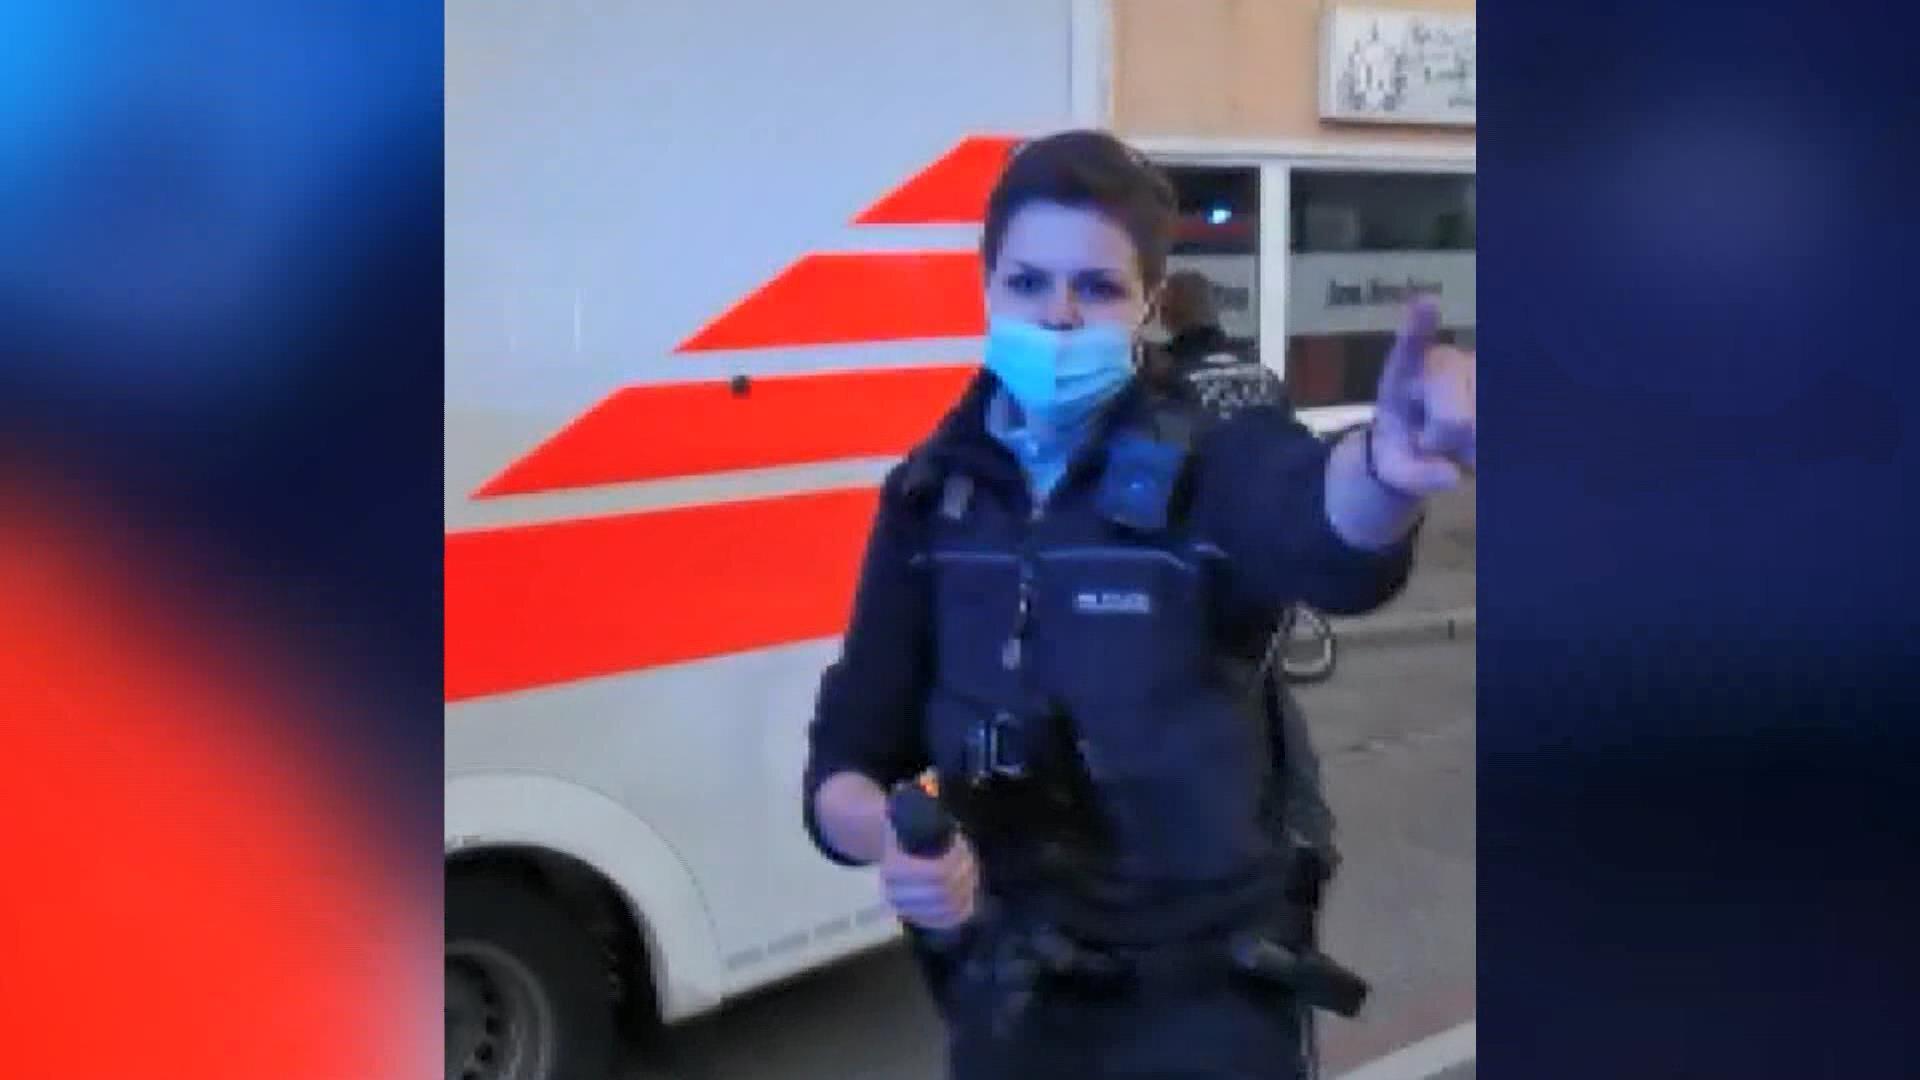 Almanya'da kazada yaralanan kızının yardımına koşan Türk babaya biber gazlı müdahale